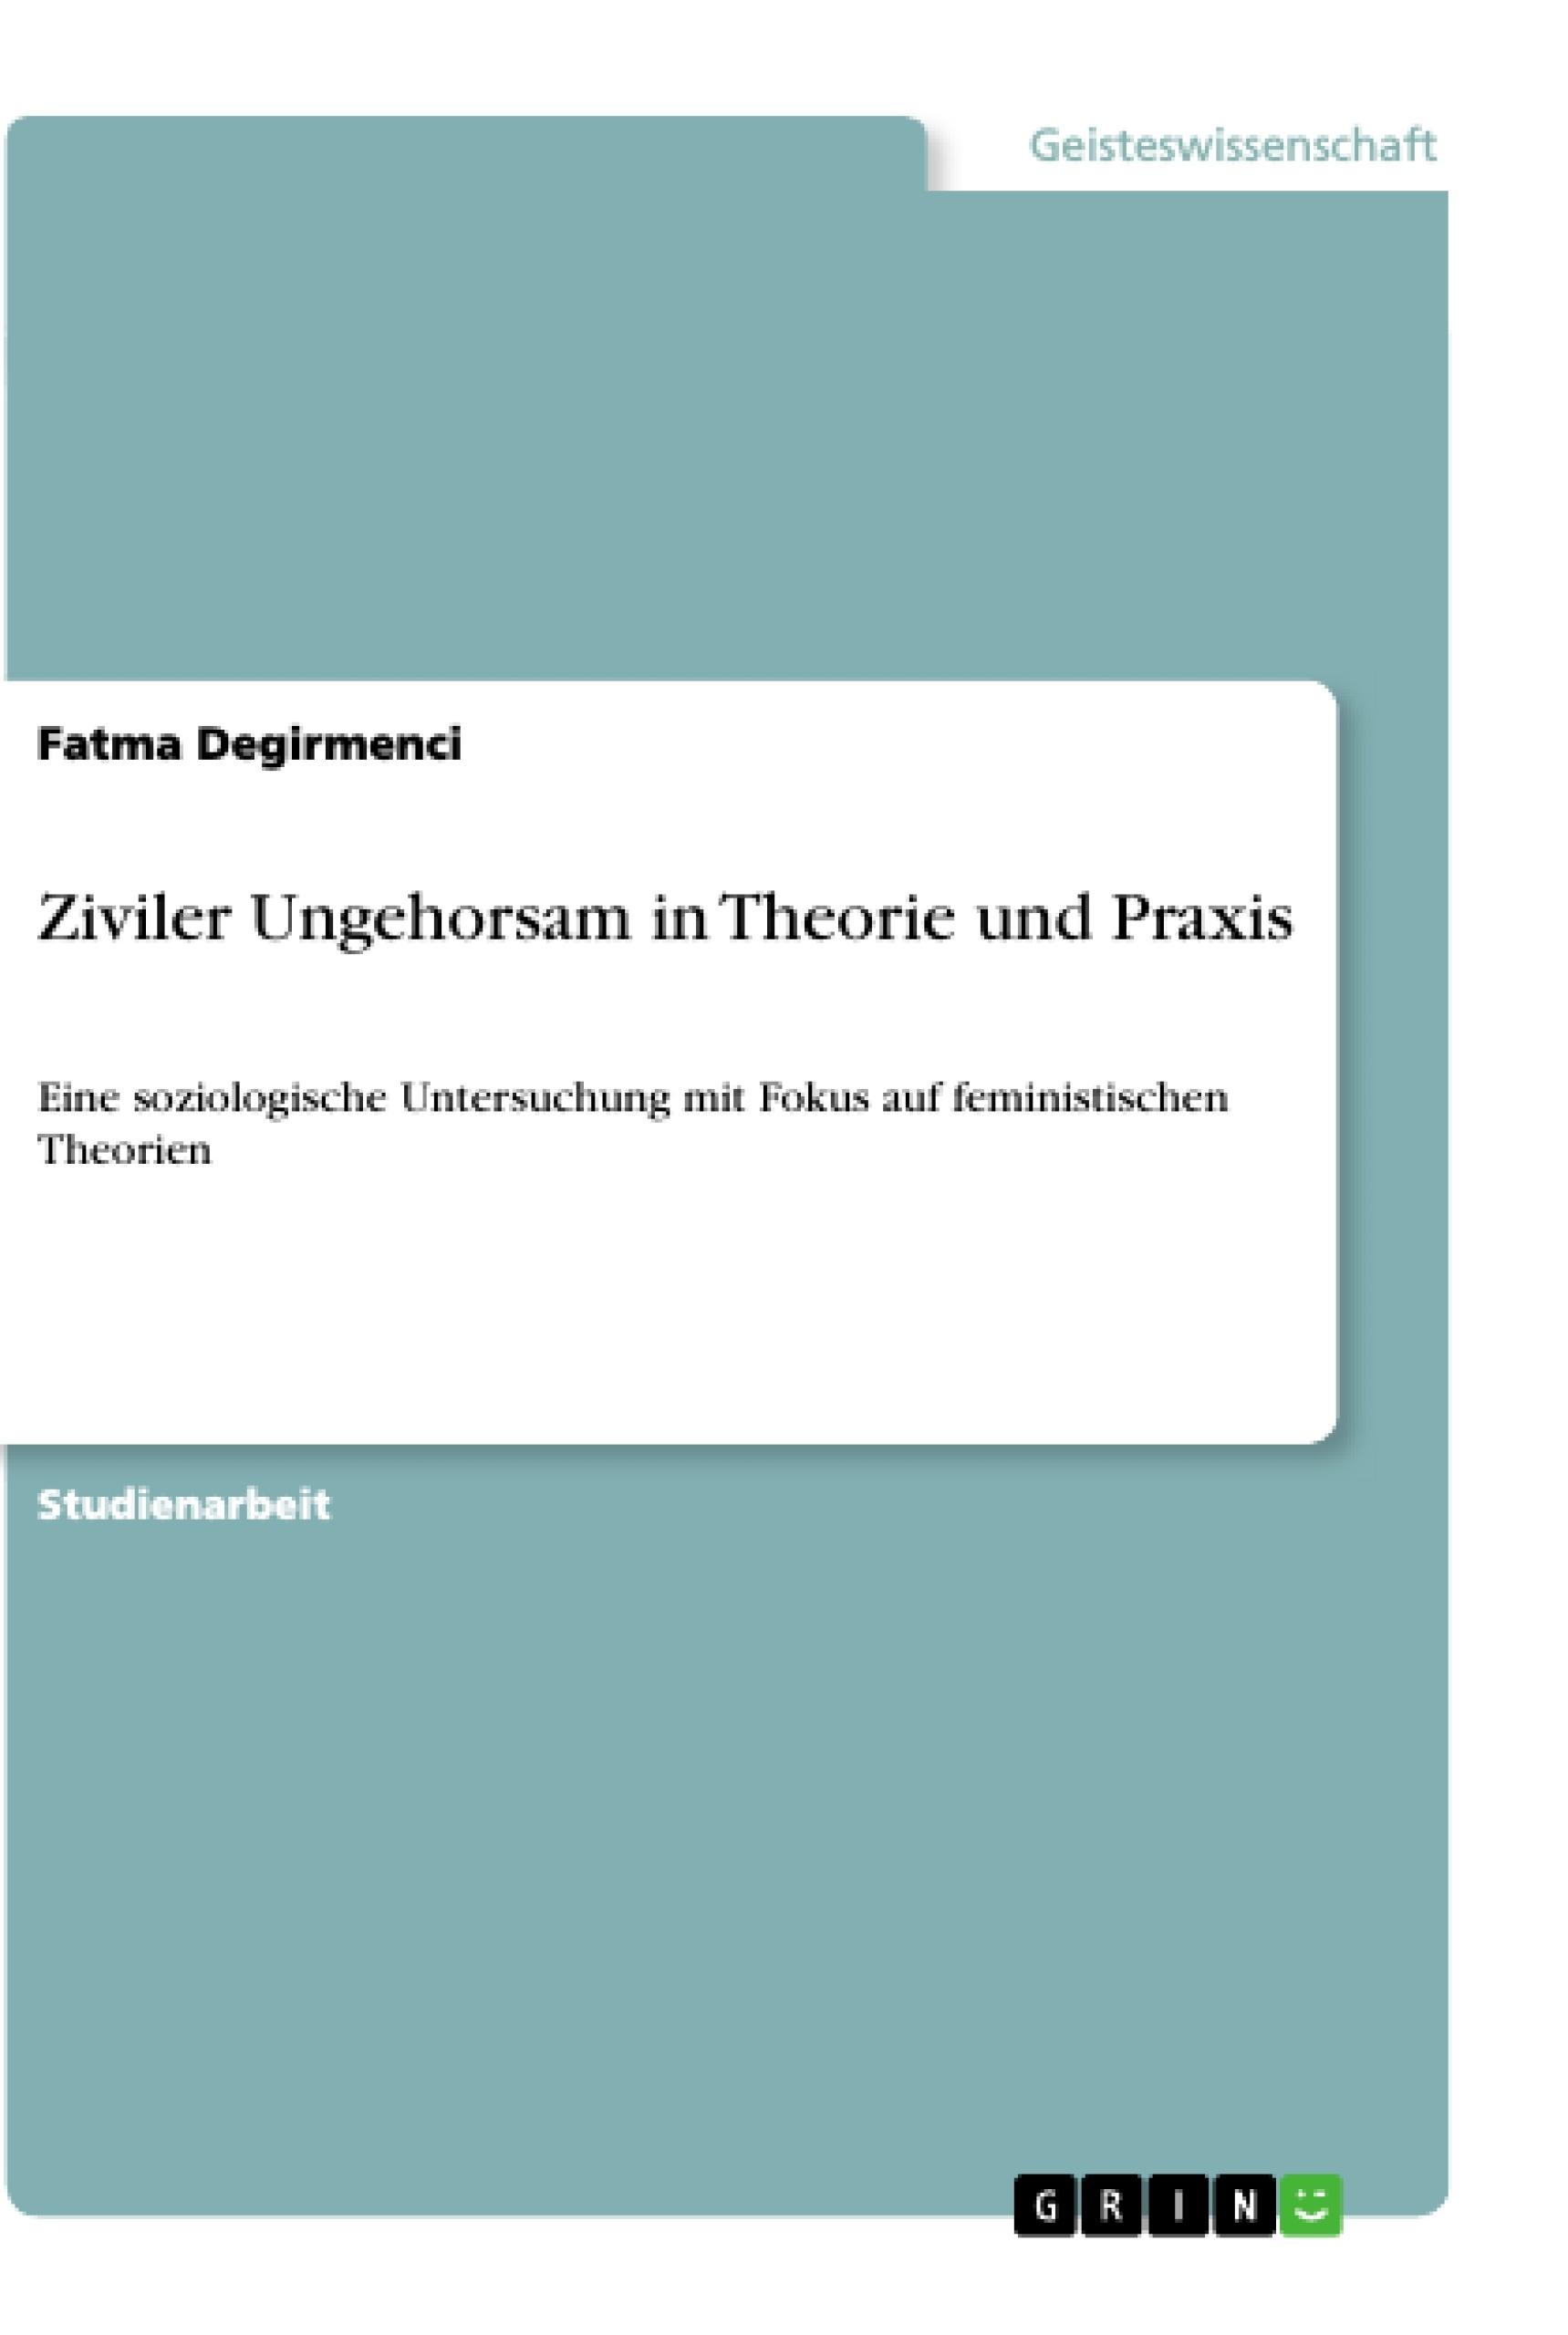 Titel: Ziviler Ungehorsam in Theorie und Praxis